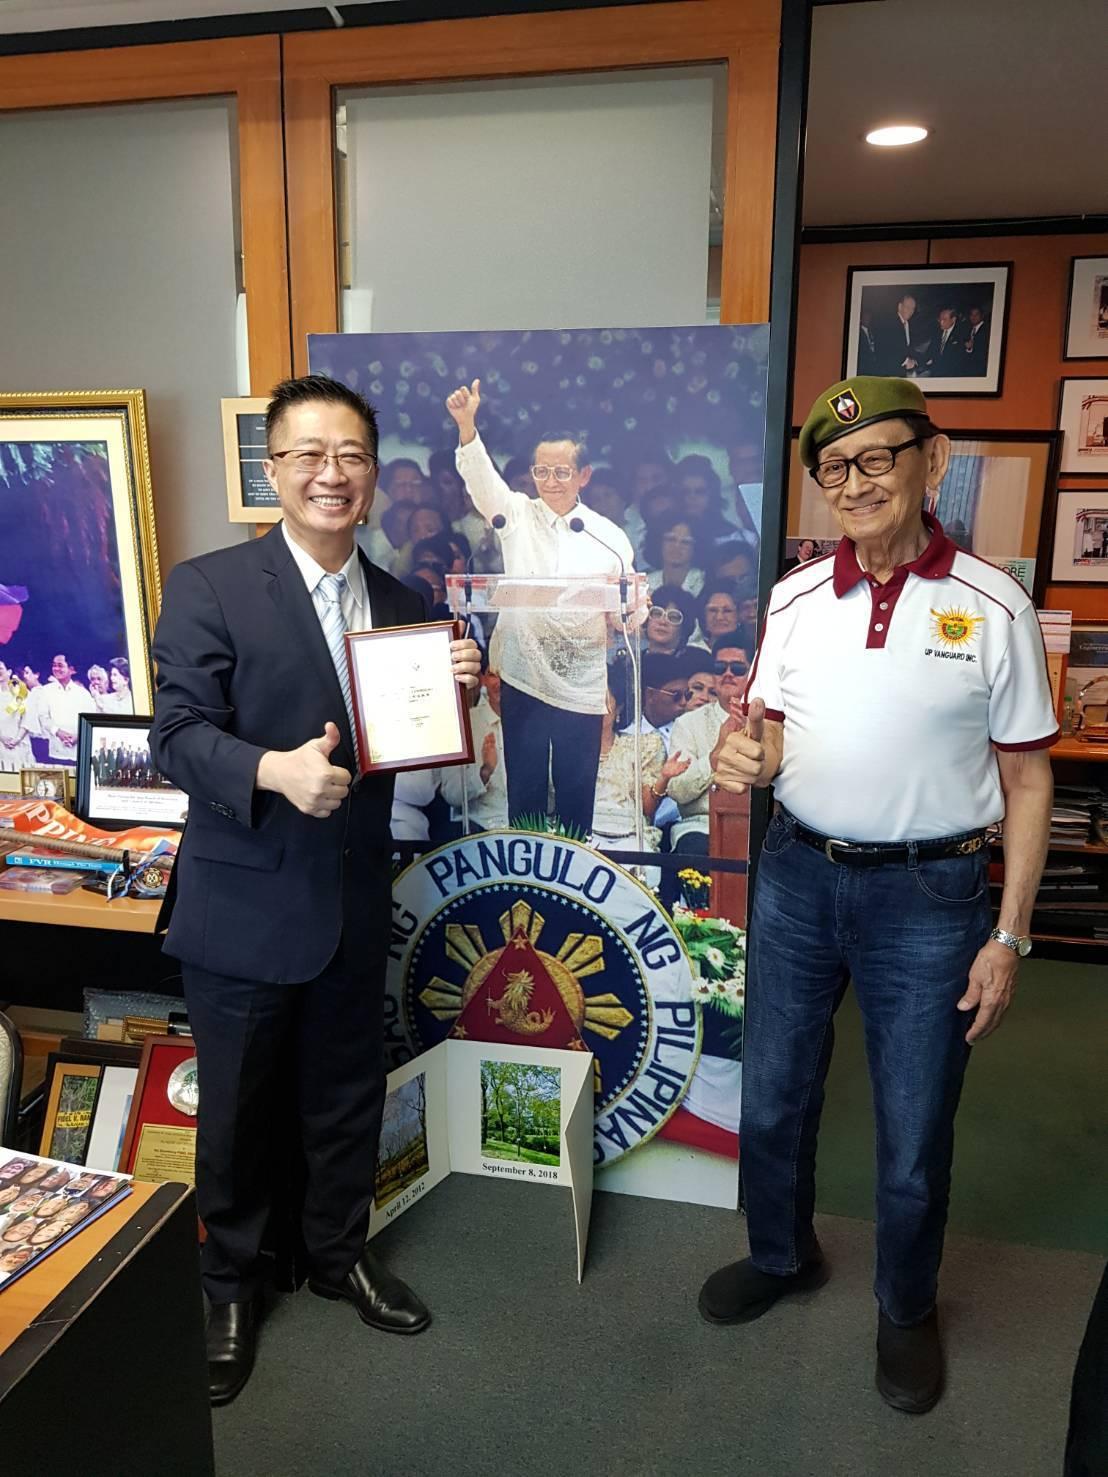 菲律賓前總統羅慕斯(右)頒發「最佳發明教育成就獎」給鄧鴻吉。圖/鄧鴻吉提供